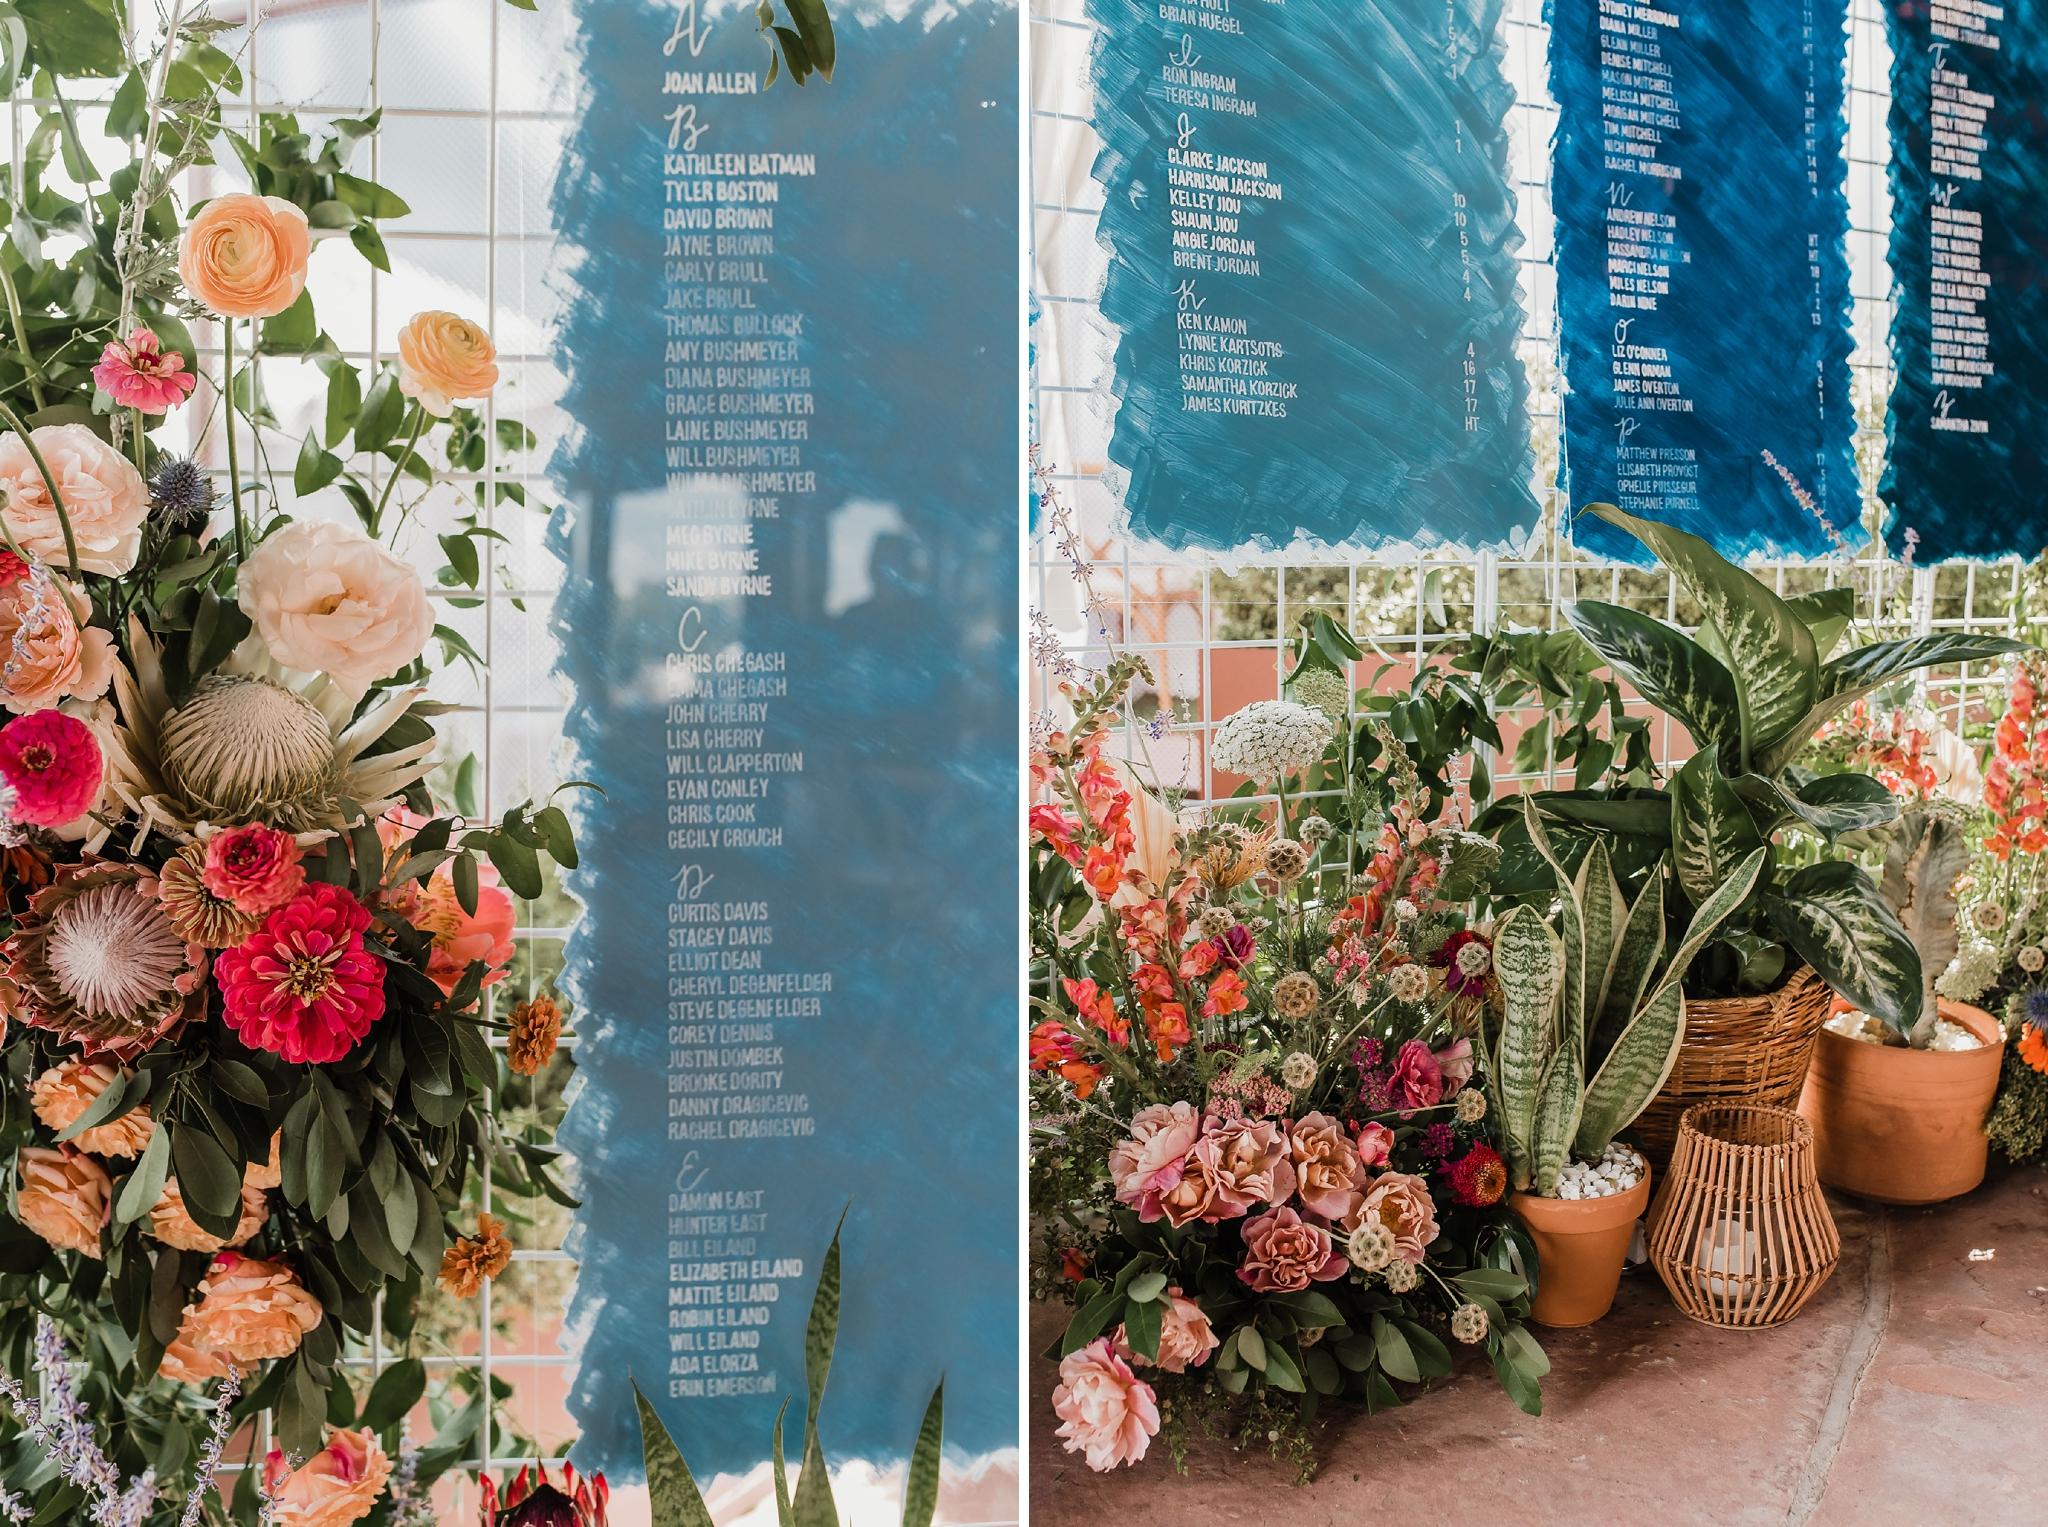 Alicia+lucia+photography+-+albuquerque+wedding+photographer+-+santa+fe+wedding+photography+-+new+mexico+wedding+photographer+-+new+mexico+wedding+-+summer+wedding+-+summer+wedding+florals+-+southwest+wedding_0080.jpg